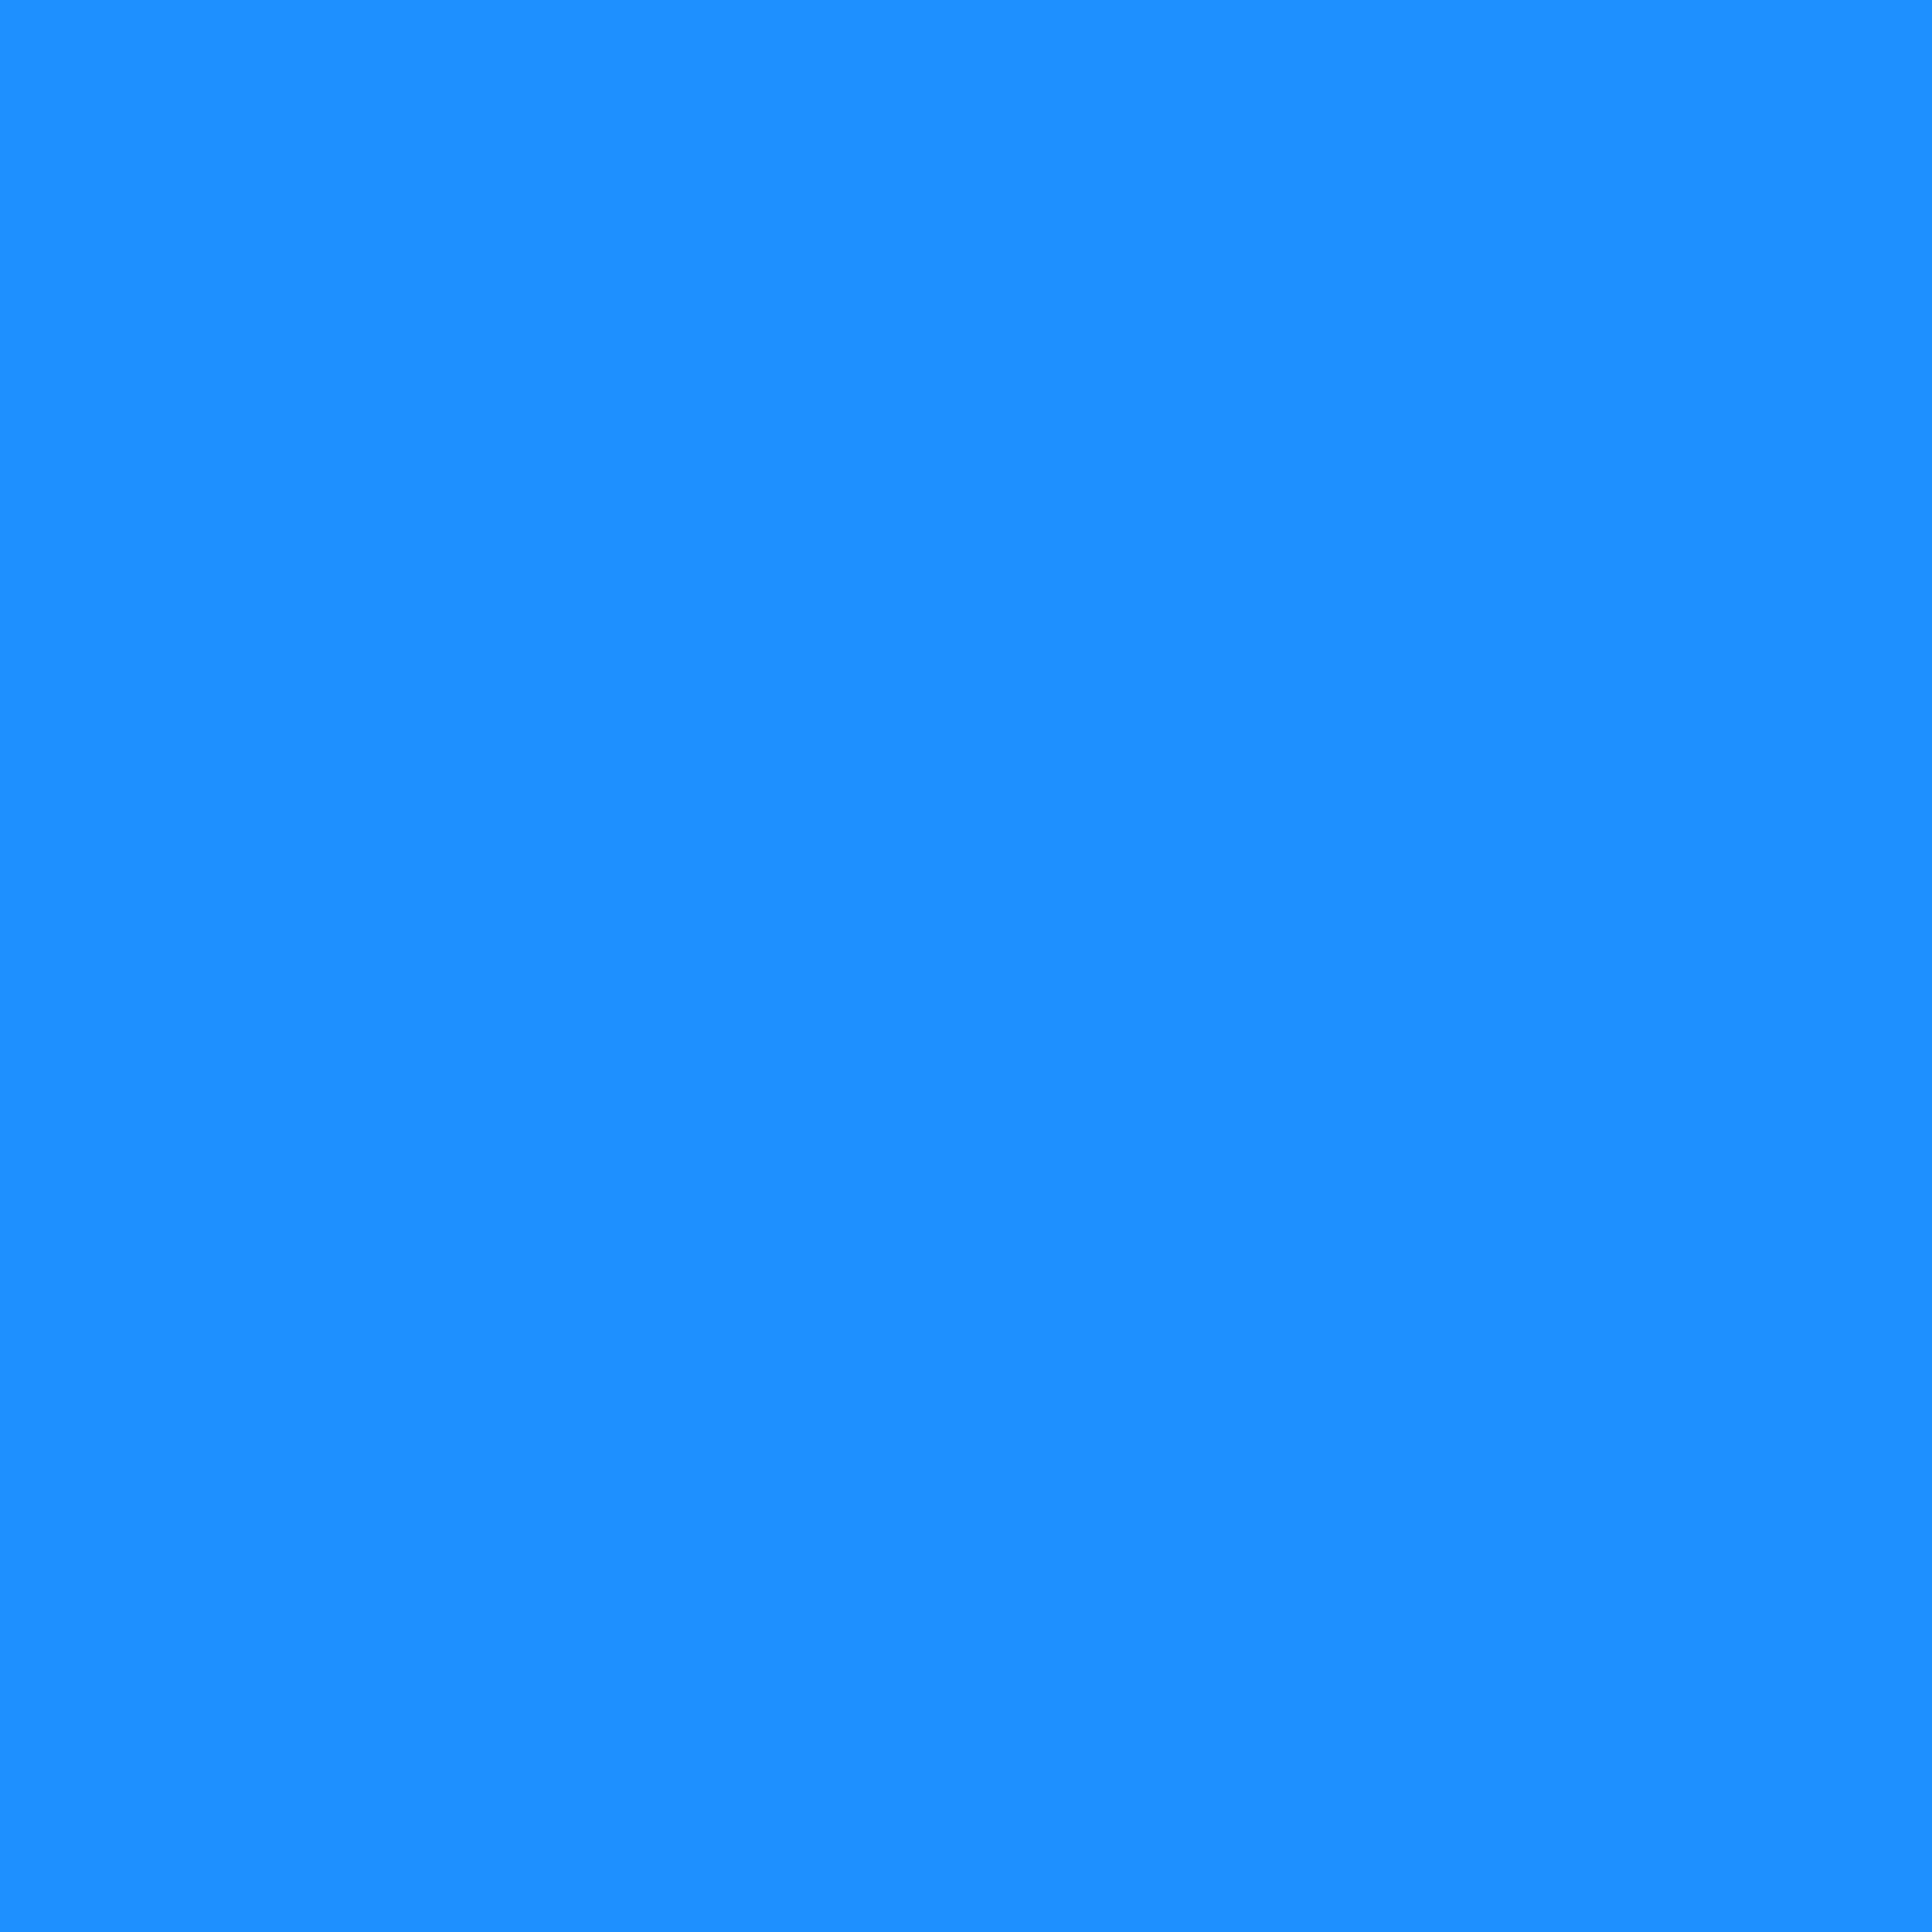 2048x2048 Dodger Blue Solid Color Background